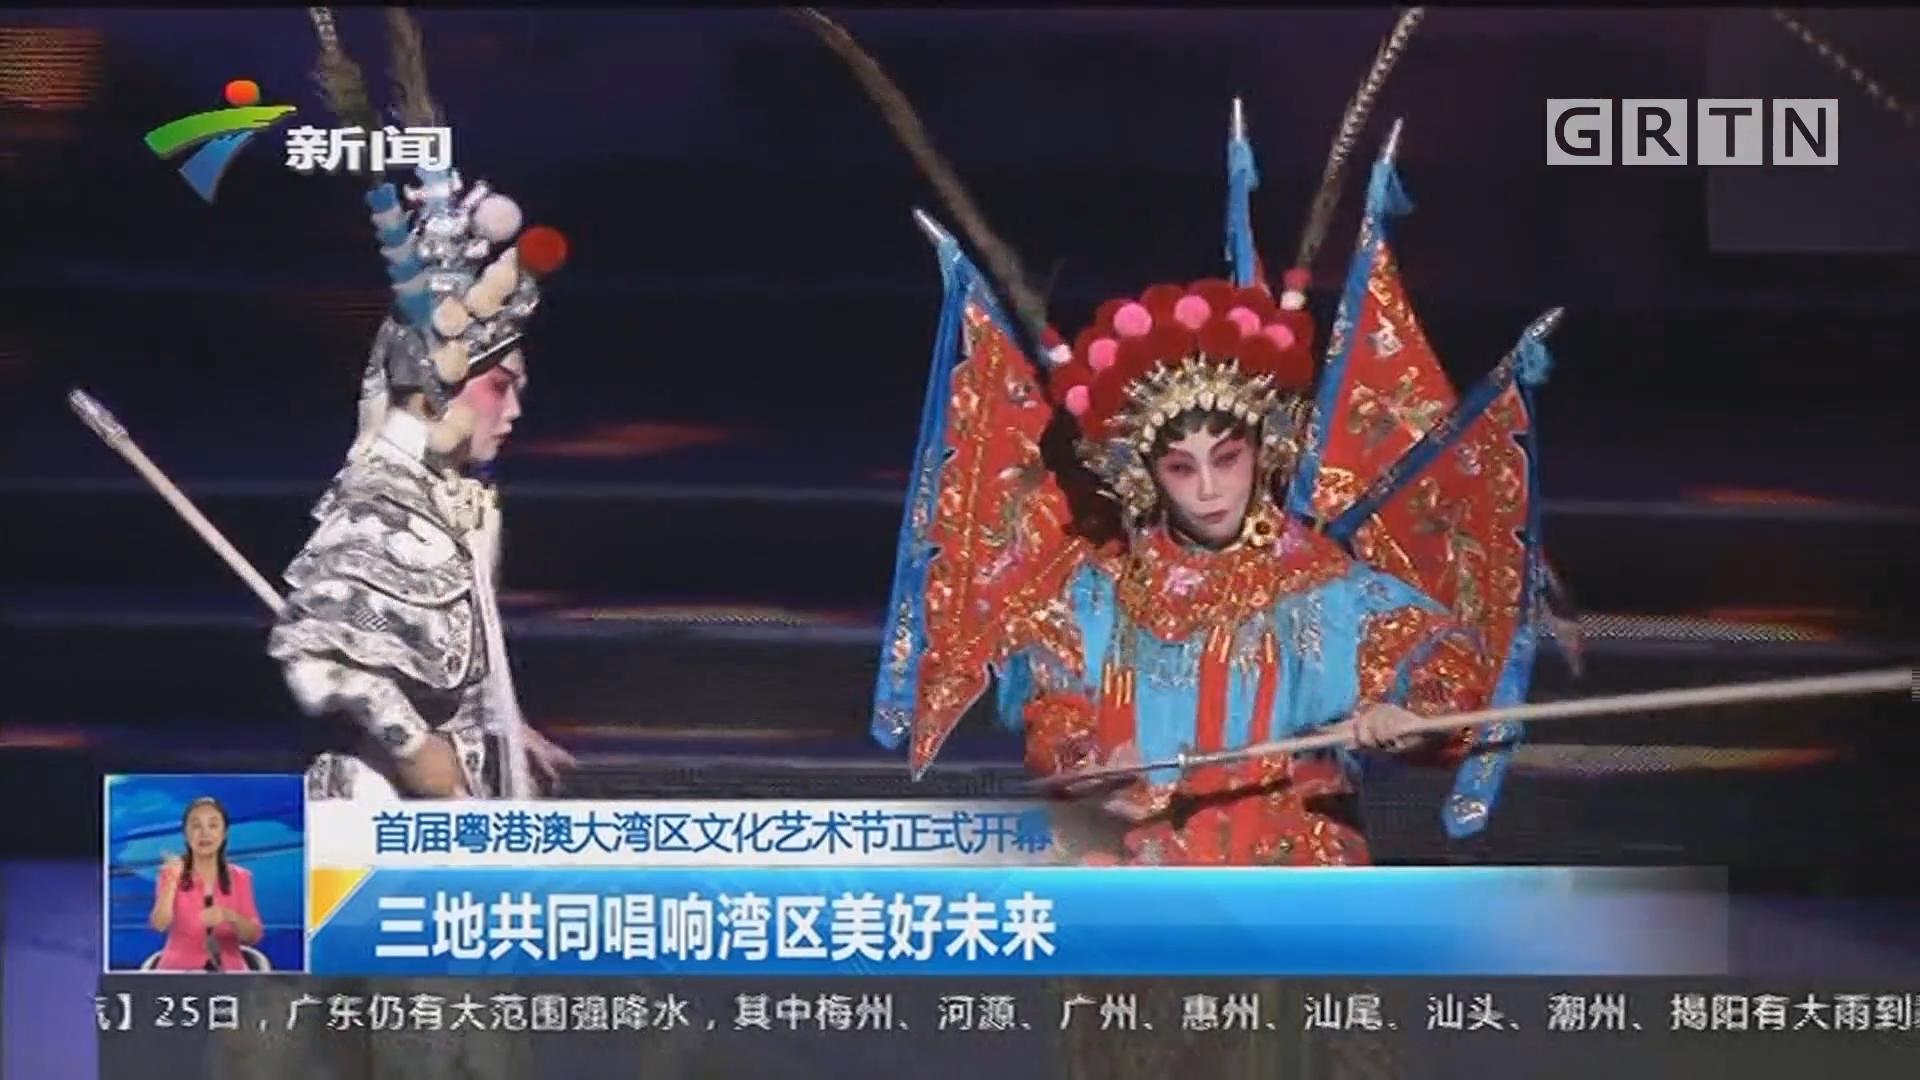 首届粤港澳大湾区文化艺术节正式开幕:三地共同唱响湾区美好未来